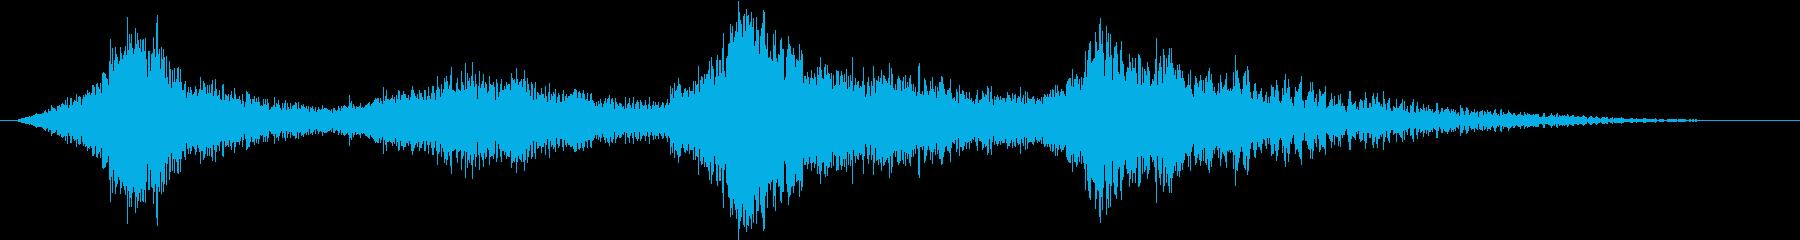 ドラマチックなピアノ弦テンションダウンの再生済みの波形